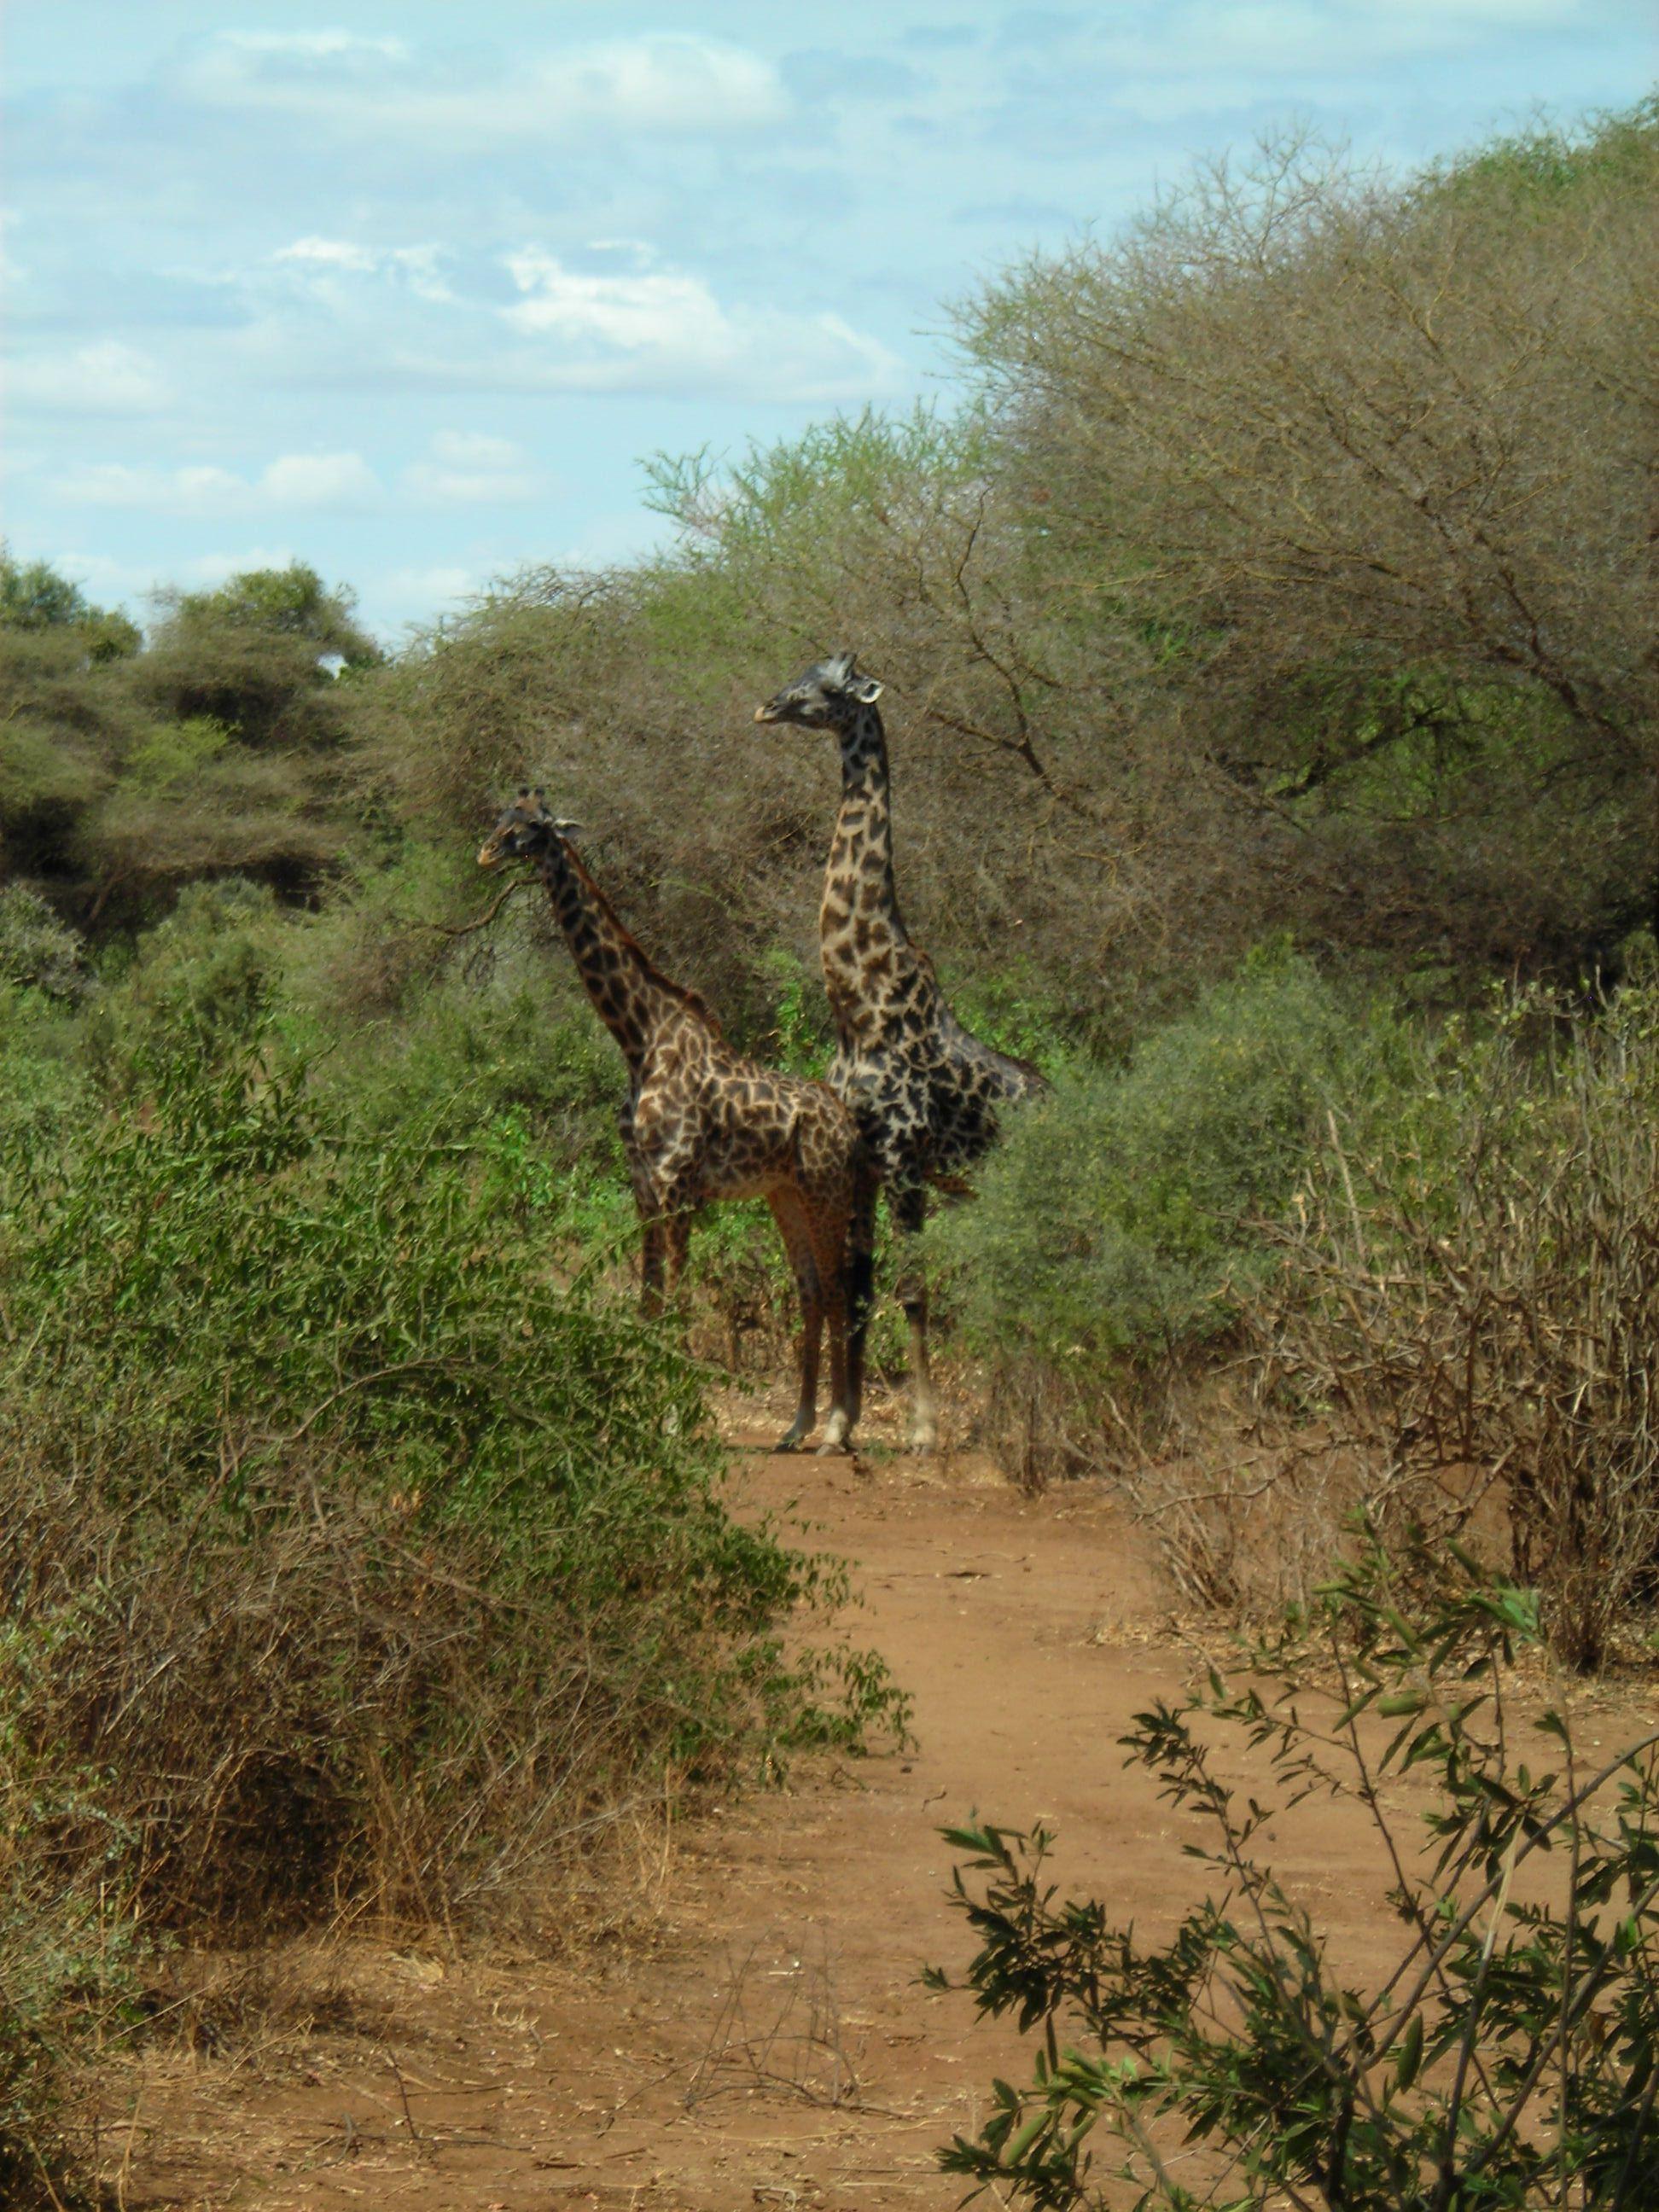 Safari Day 2 DSCN1800 Mating Giraffes